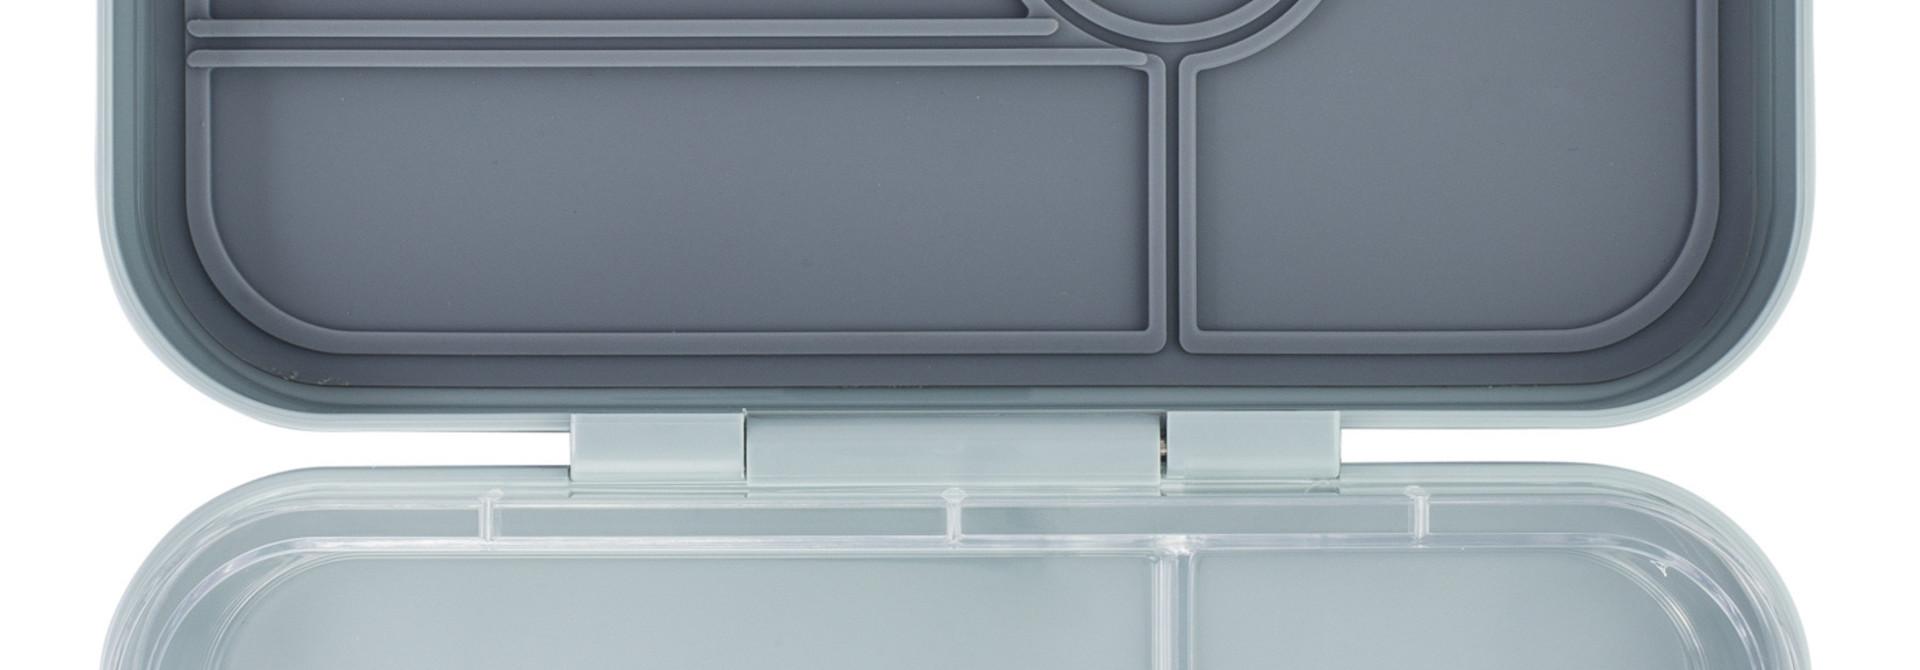 Yumbox Tapas XL lunchtrommel Flat Iron grijs / Transparant tray 5 vakken